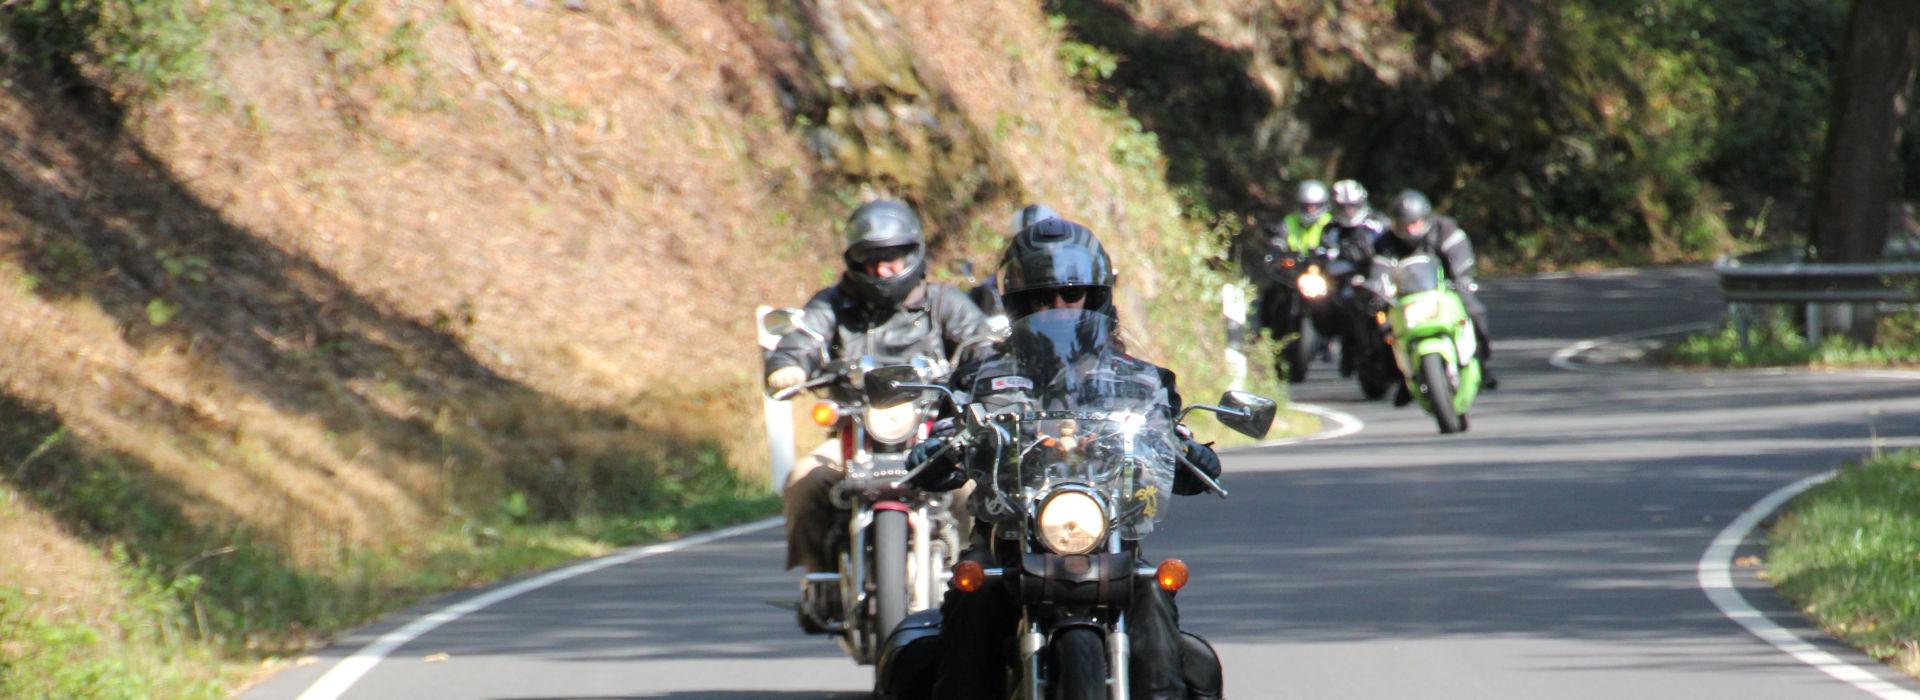 Motorrijbewijspoint Oss snel motorrijbewijs halen